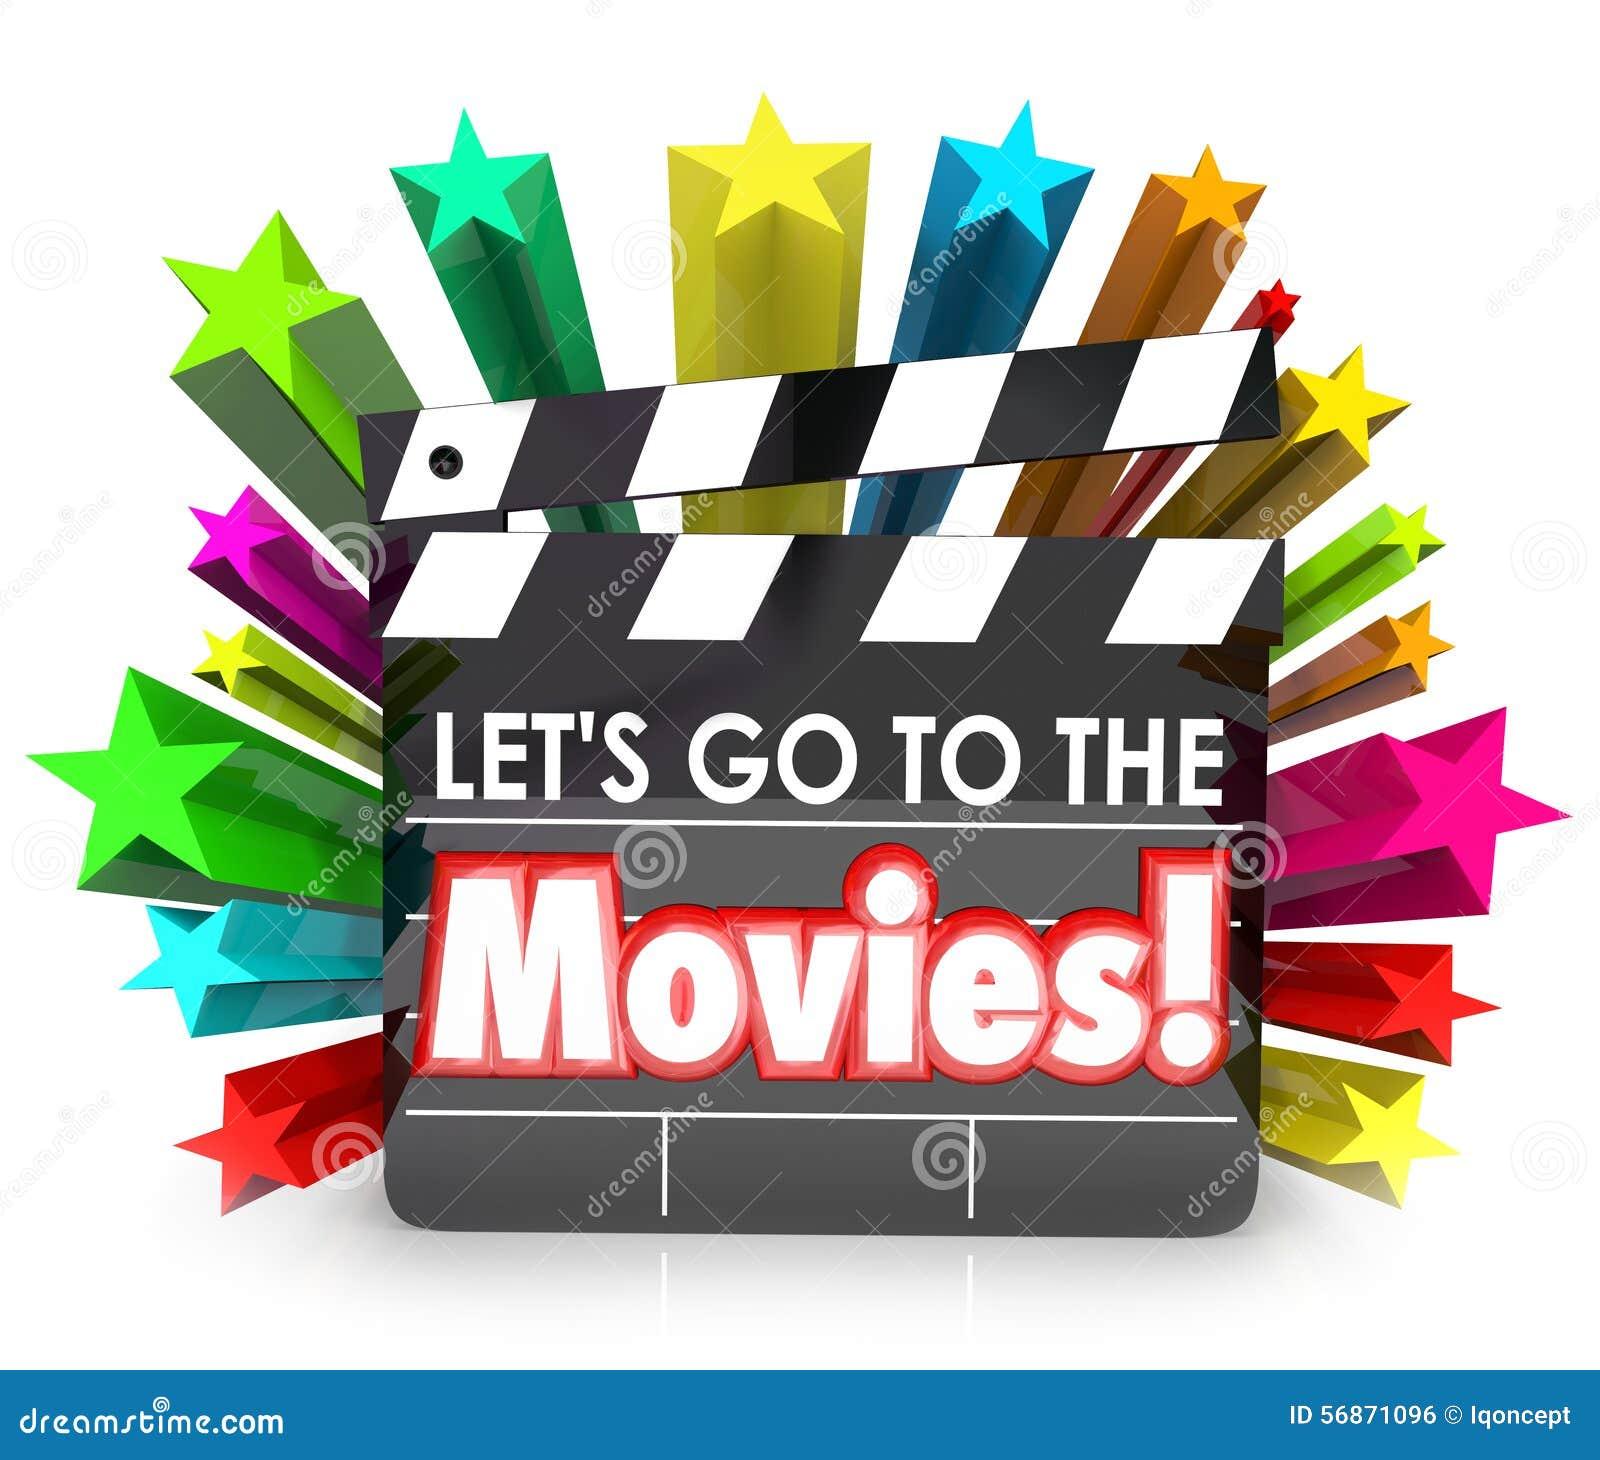 Let S Go To The Movies: Let's Go To The Movies Film Clapper Board Watch Fun